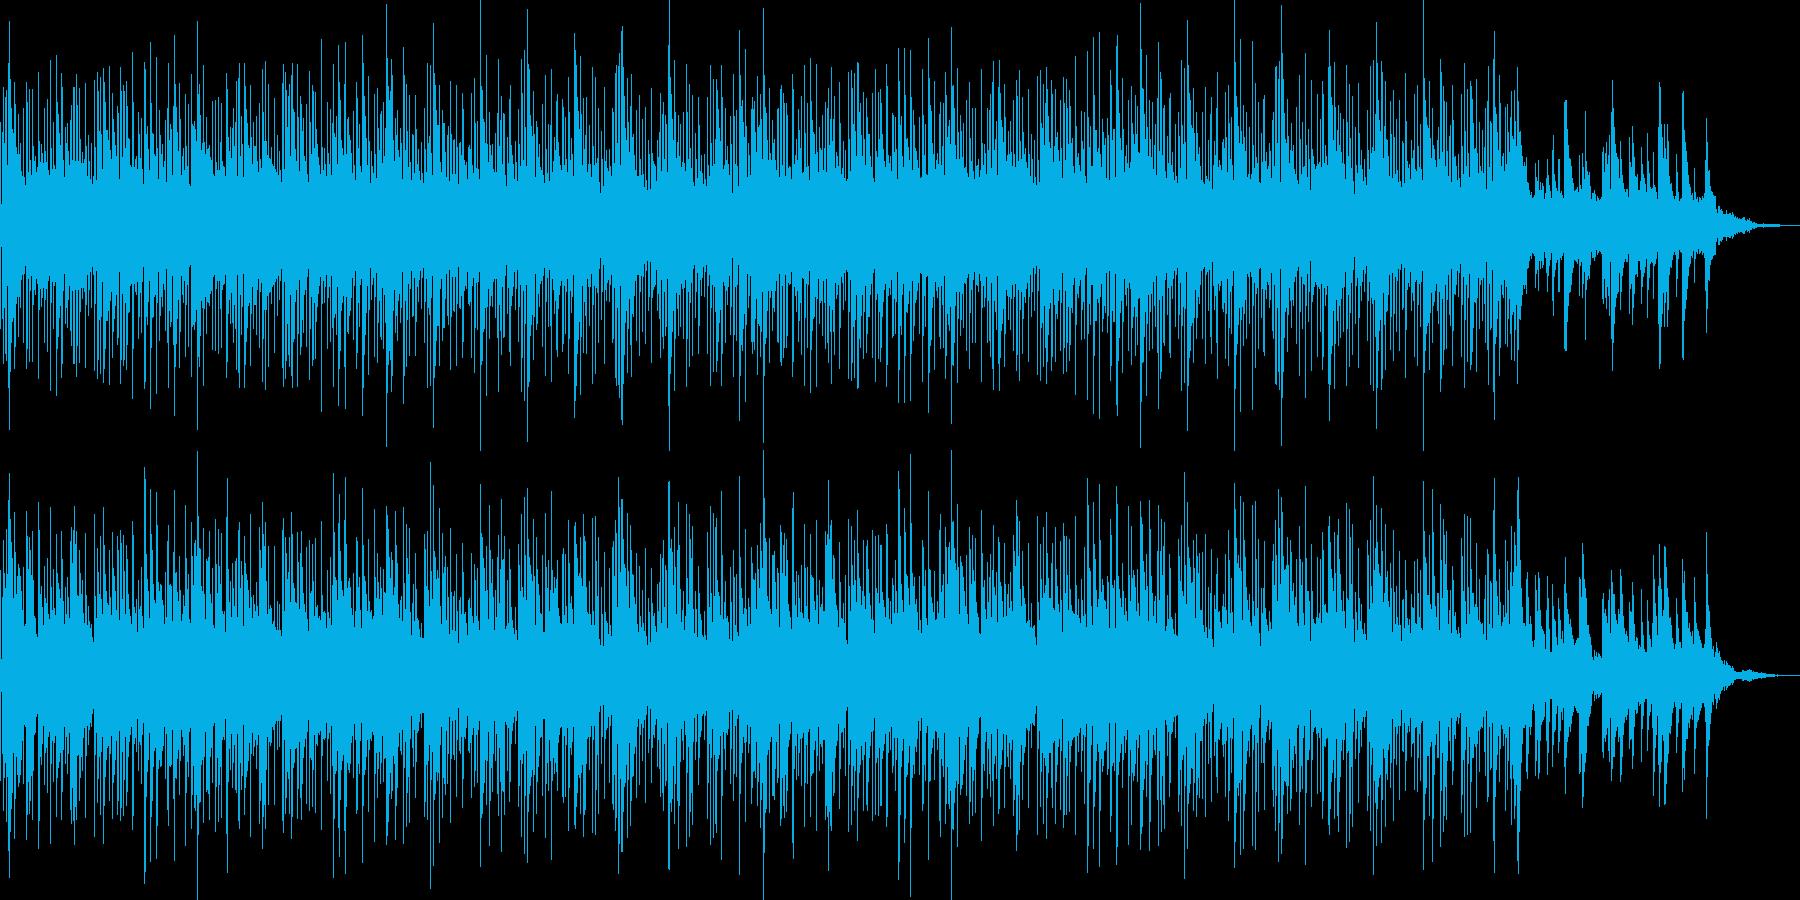 シンプルな明るく爽やかなピアノポップの再生済みの波形